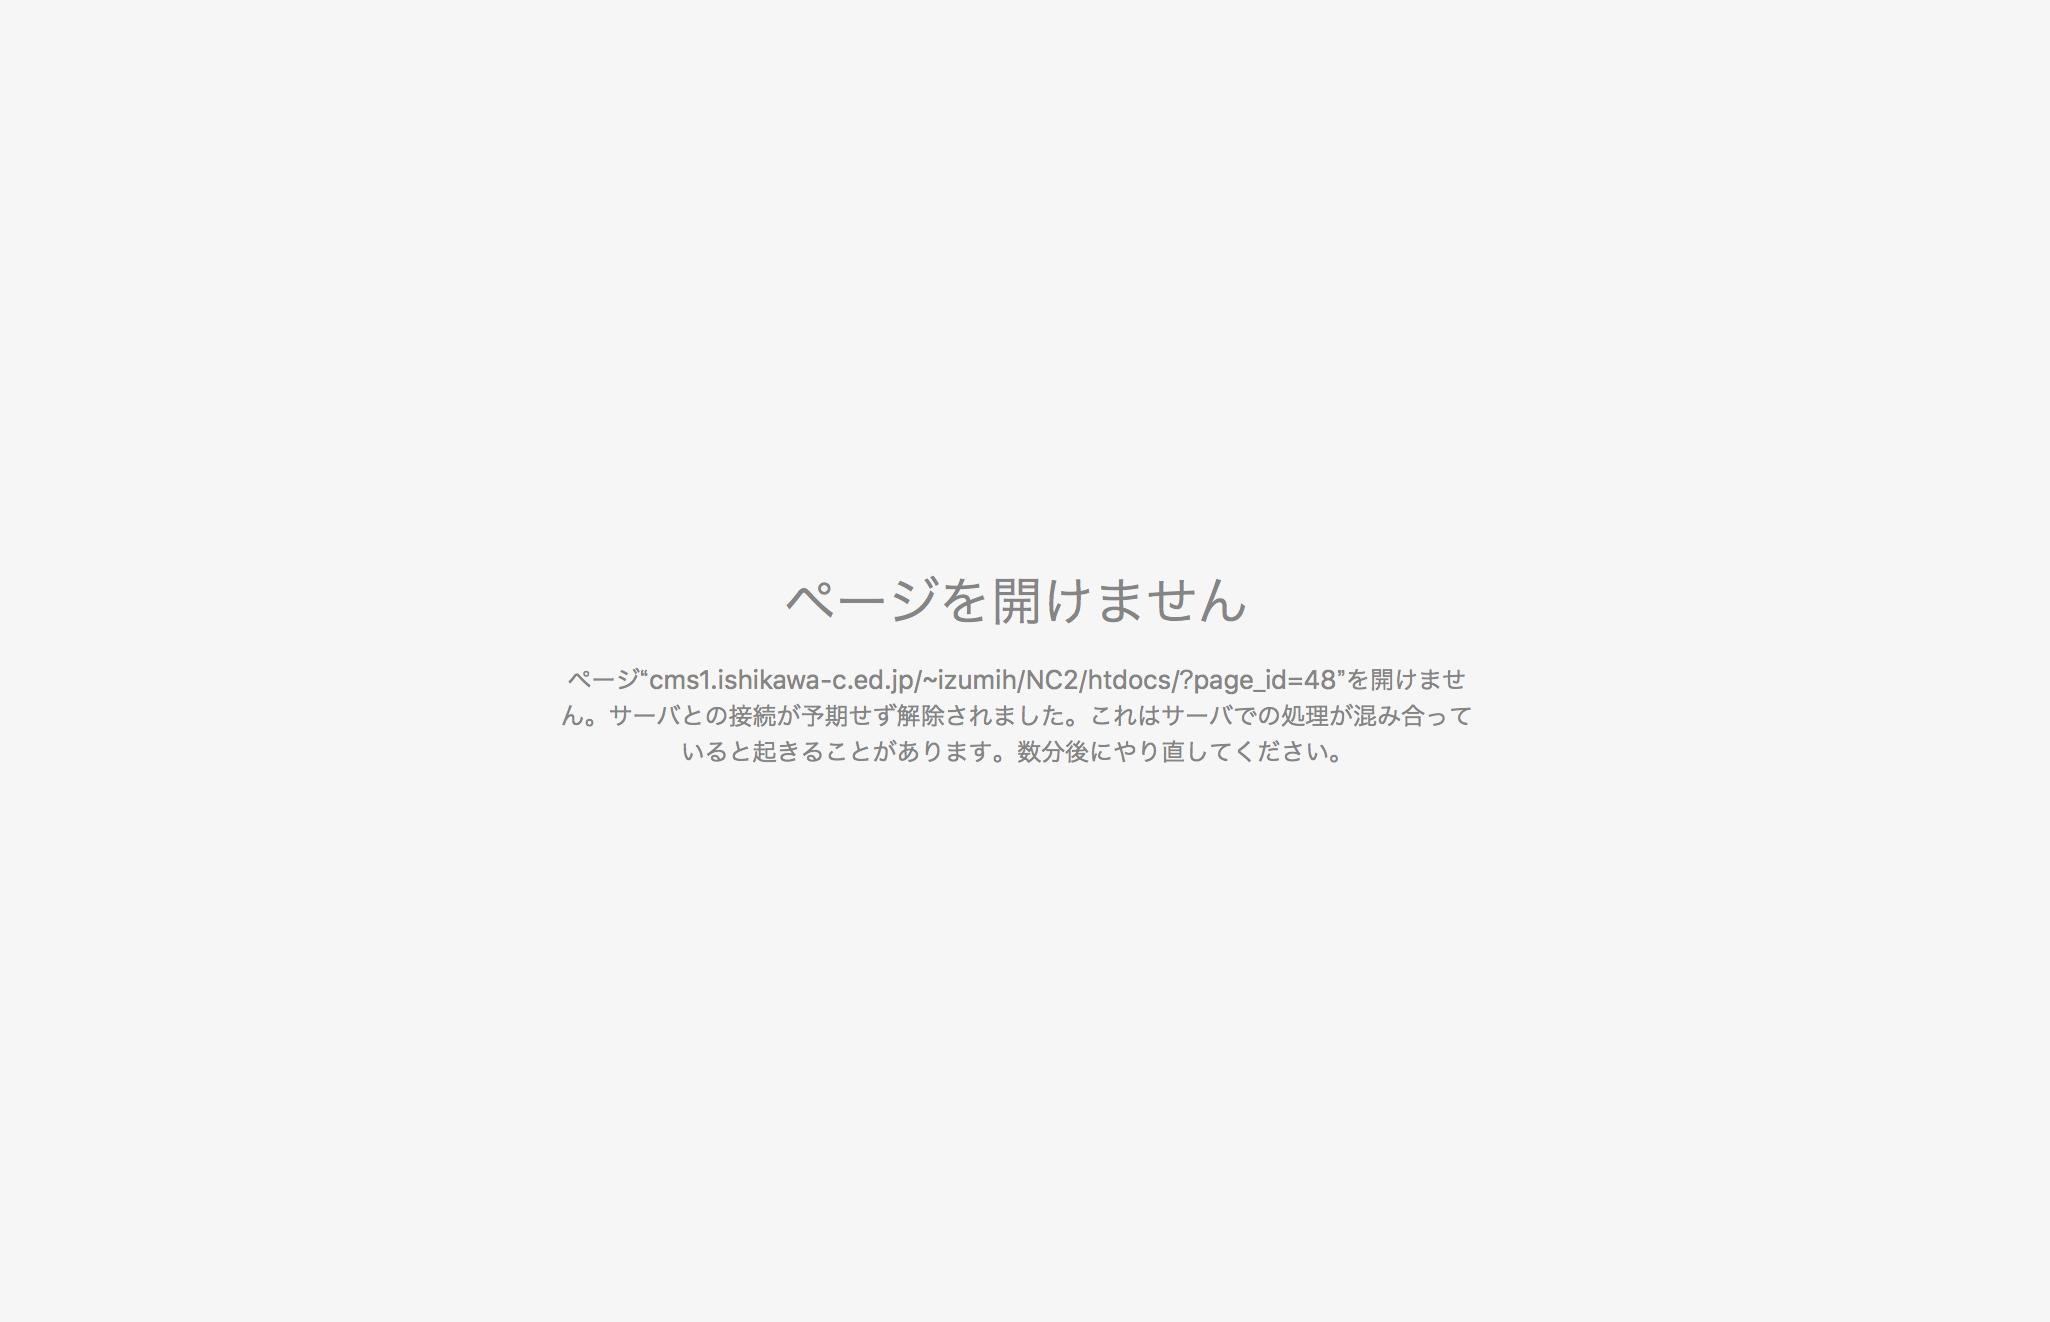 スクリーンショット 2017-05-21 16.43.18